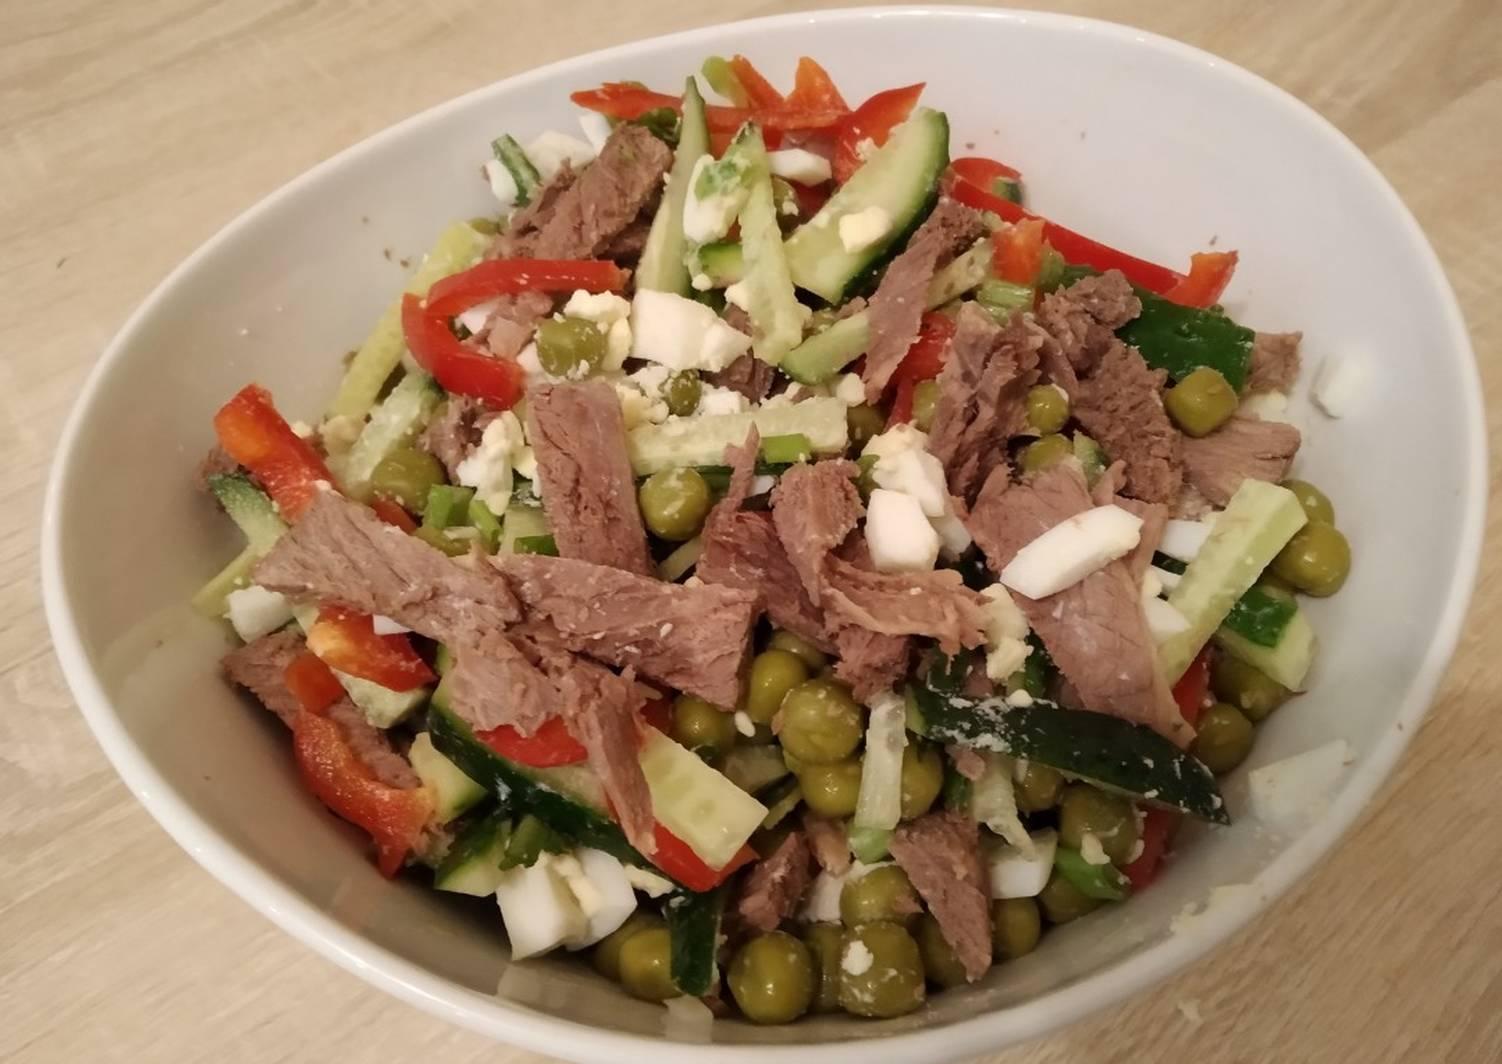 сегодня салат из говядины отварной рецепт с фото есть ряд